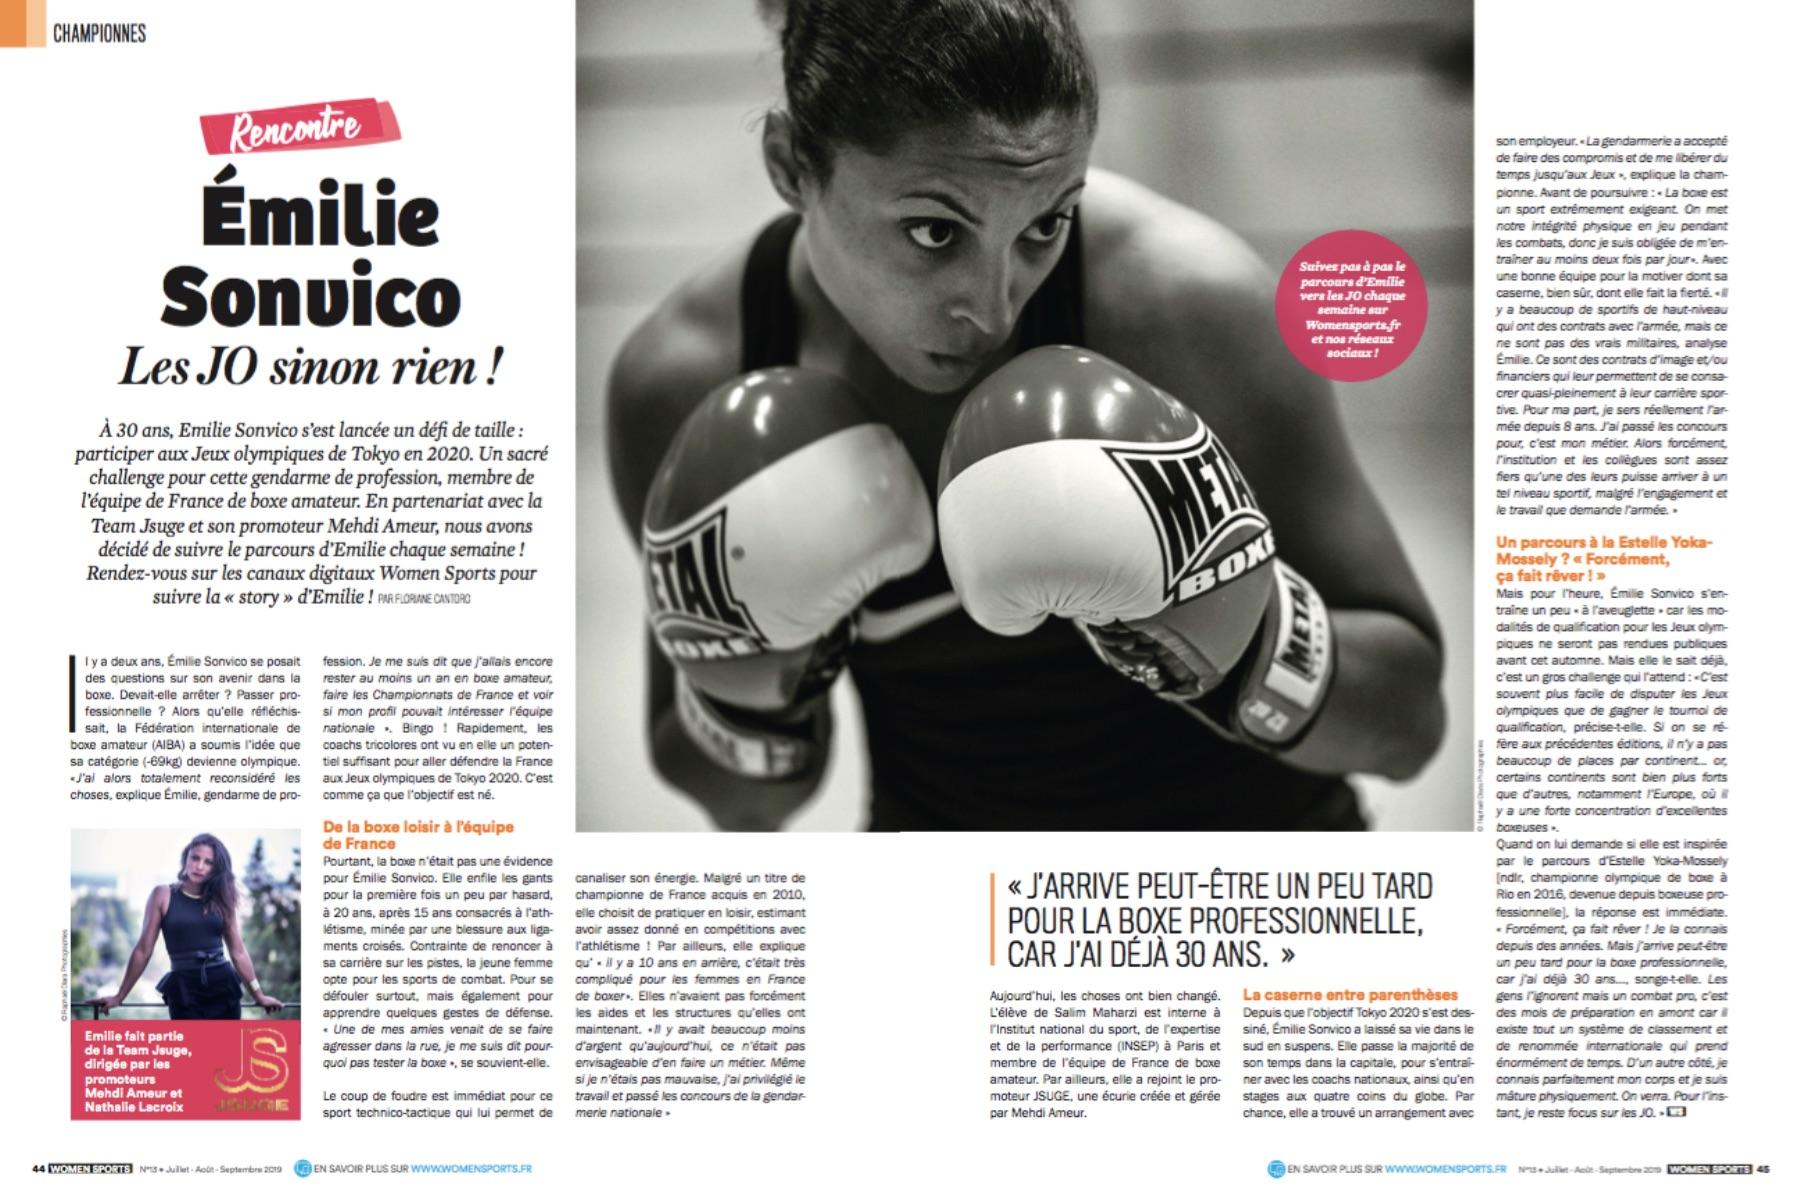 À 30 ans, Émilie Sonvico s'est lancée un défi de taille : participer aux Jeux olympiques de Tokyo en 2020. Un sacré challenge que nous allons suivre sur WS.